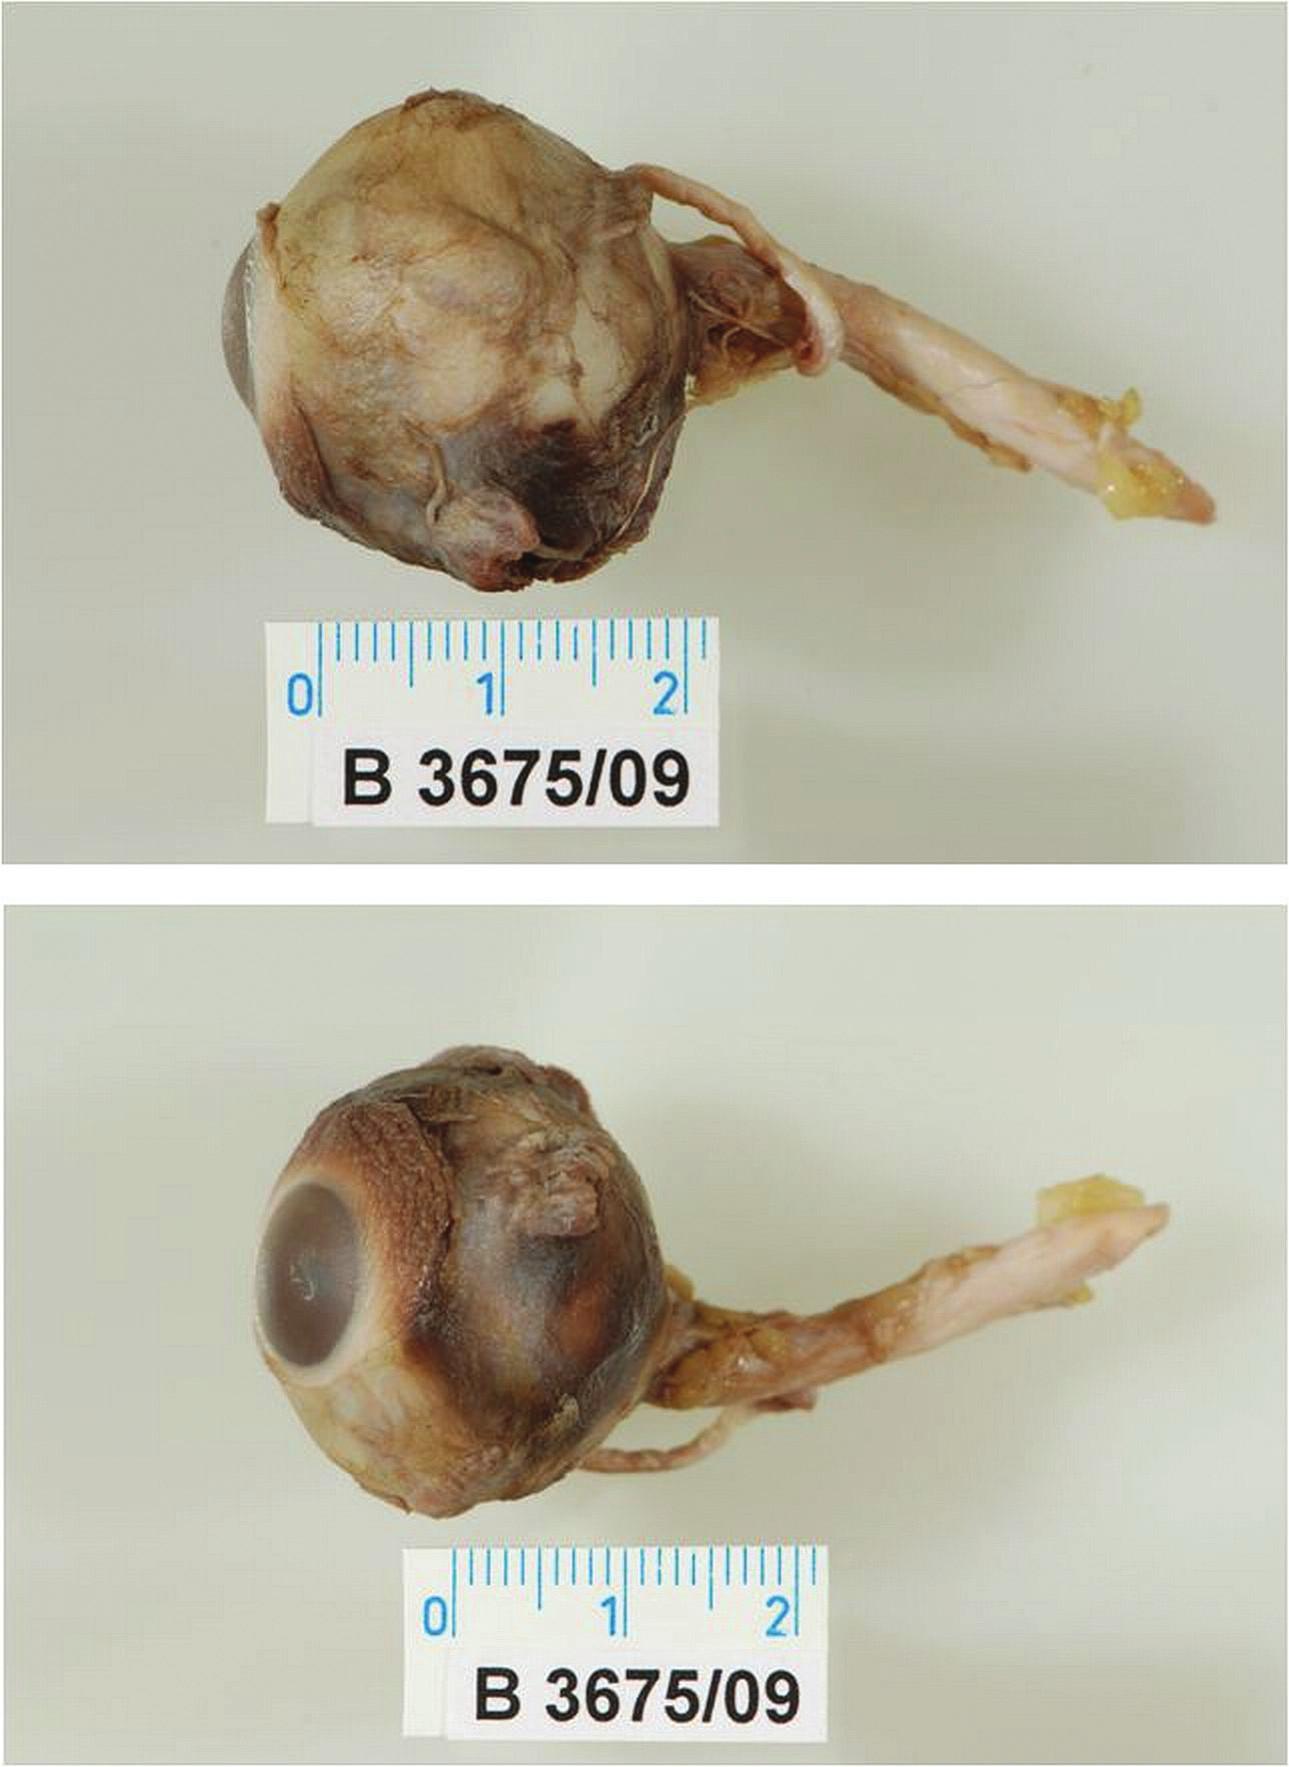 Neporušené enukleované levé oko s enormně dlouhým pahýlem zrakového nervu (4,5 cm), s odtrženými zevními očními svaly